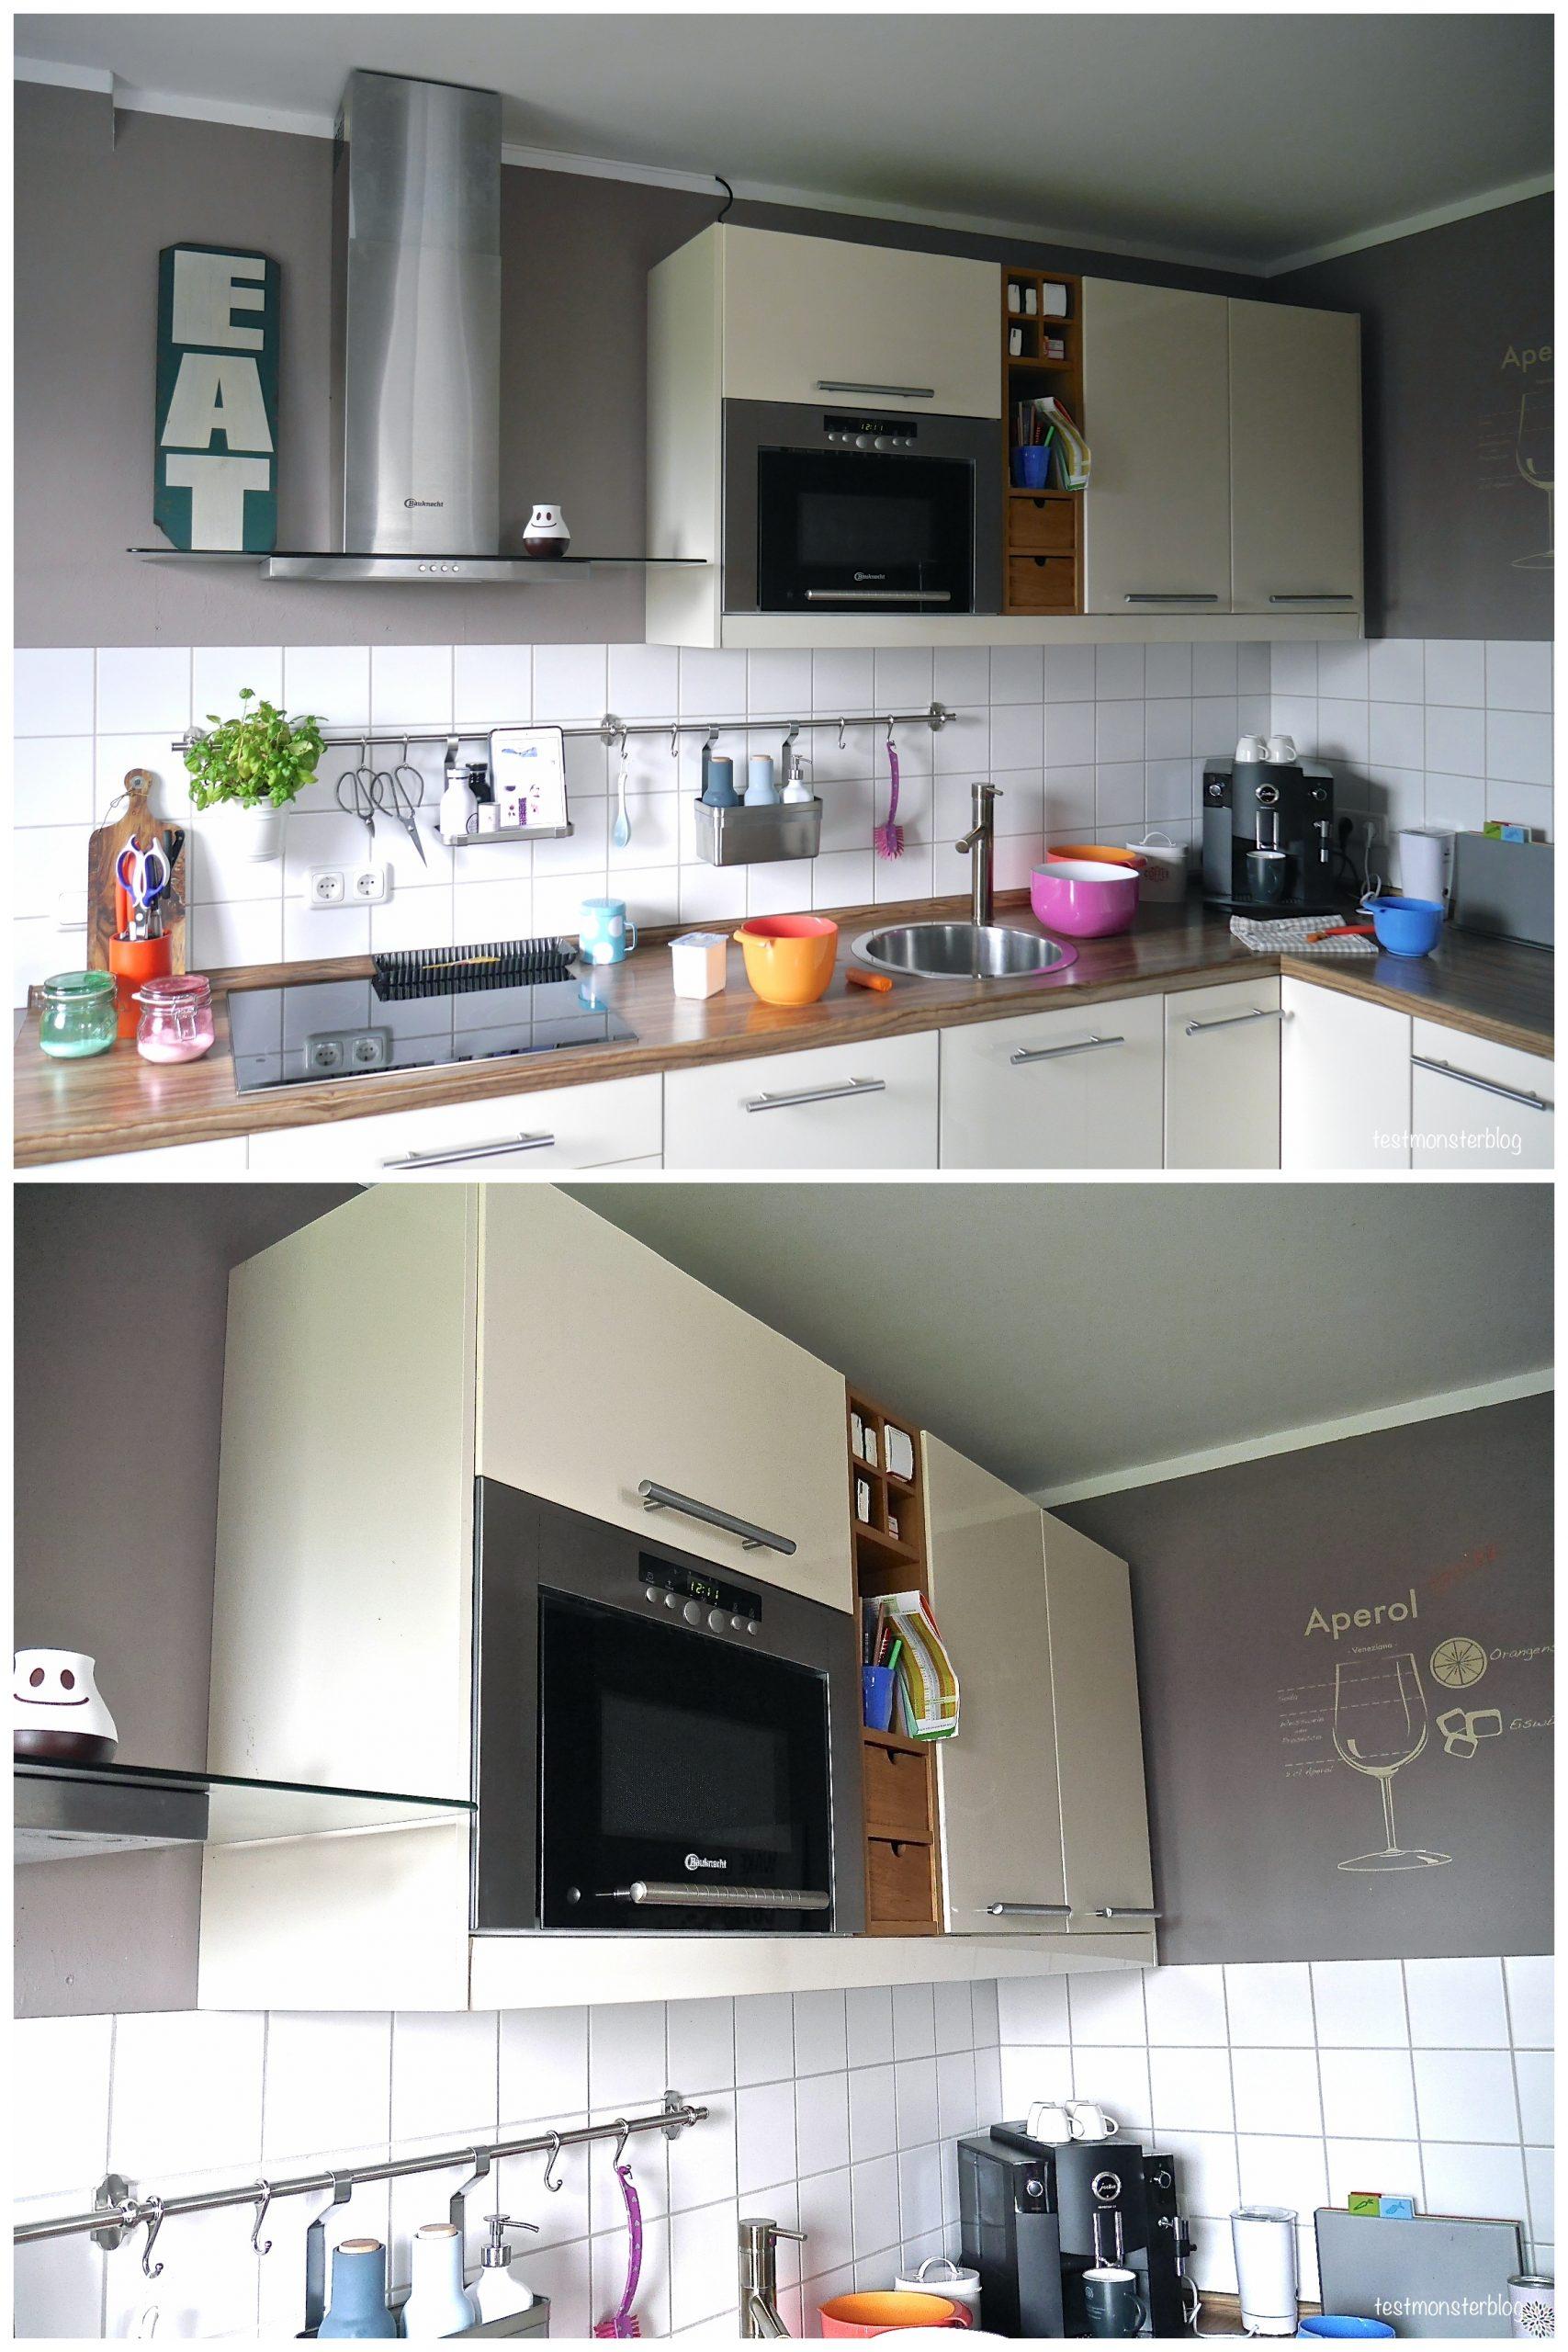 Full Size of Ikea Kche Metodplan Mich Bitte Selbst Küche Kaufen Kosten Betten Bei 160x200 Modulküche Miniküche Sofa Mit Schlaffunktion Küchen Regal Wohnzimmer Ikea Küchen